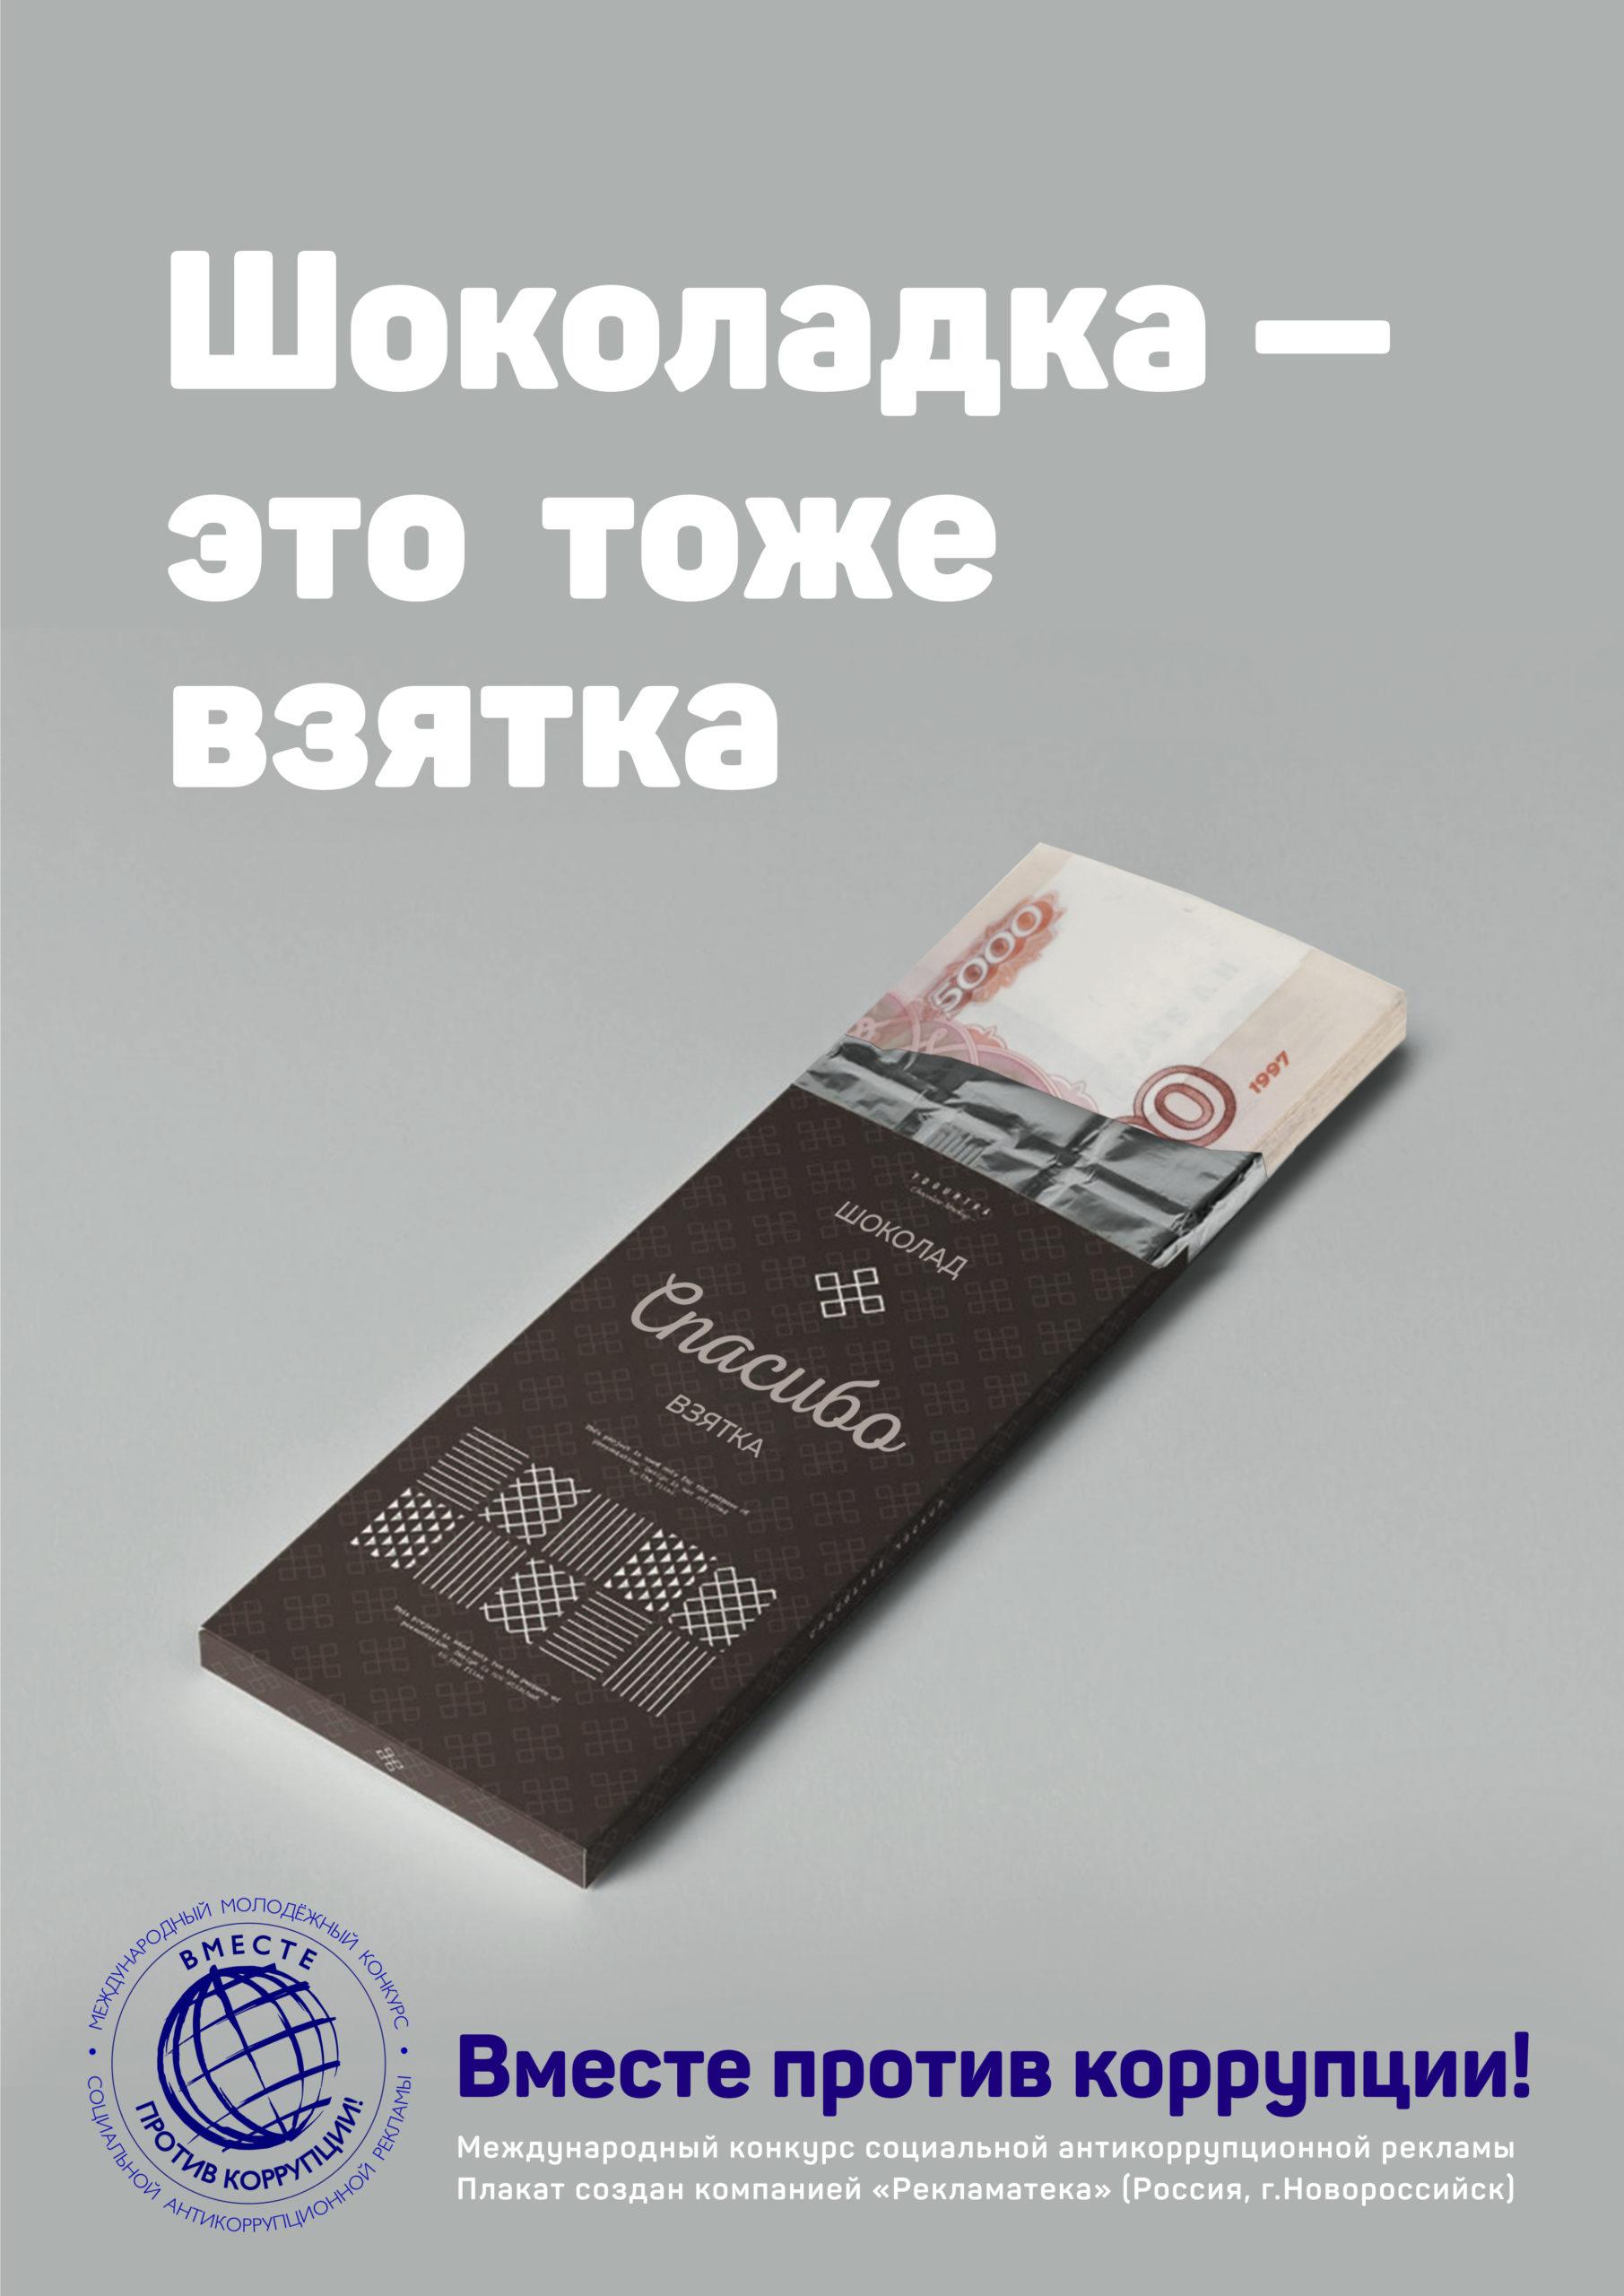 Новороссиец стал призером конкурса